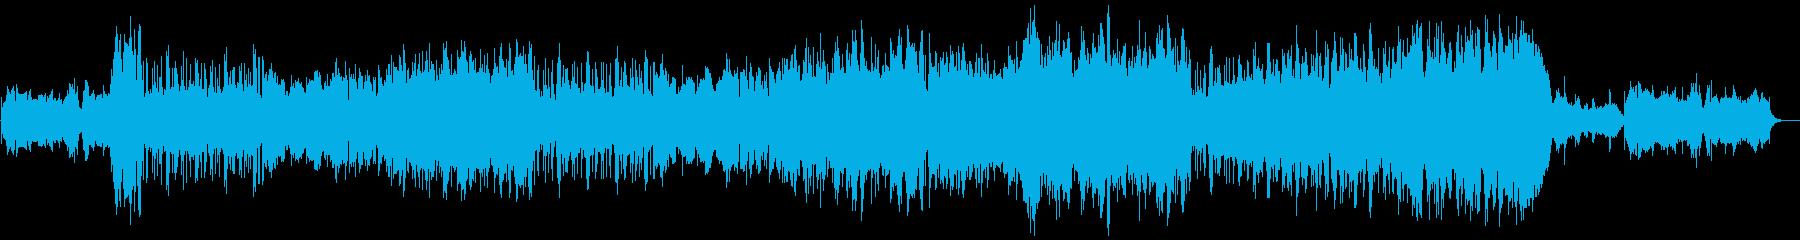 アップテンポで少し憂いを含んだの篠笛の曲の再生済みの波形